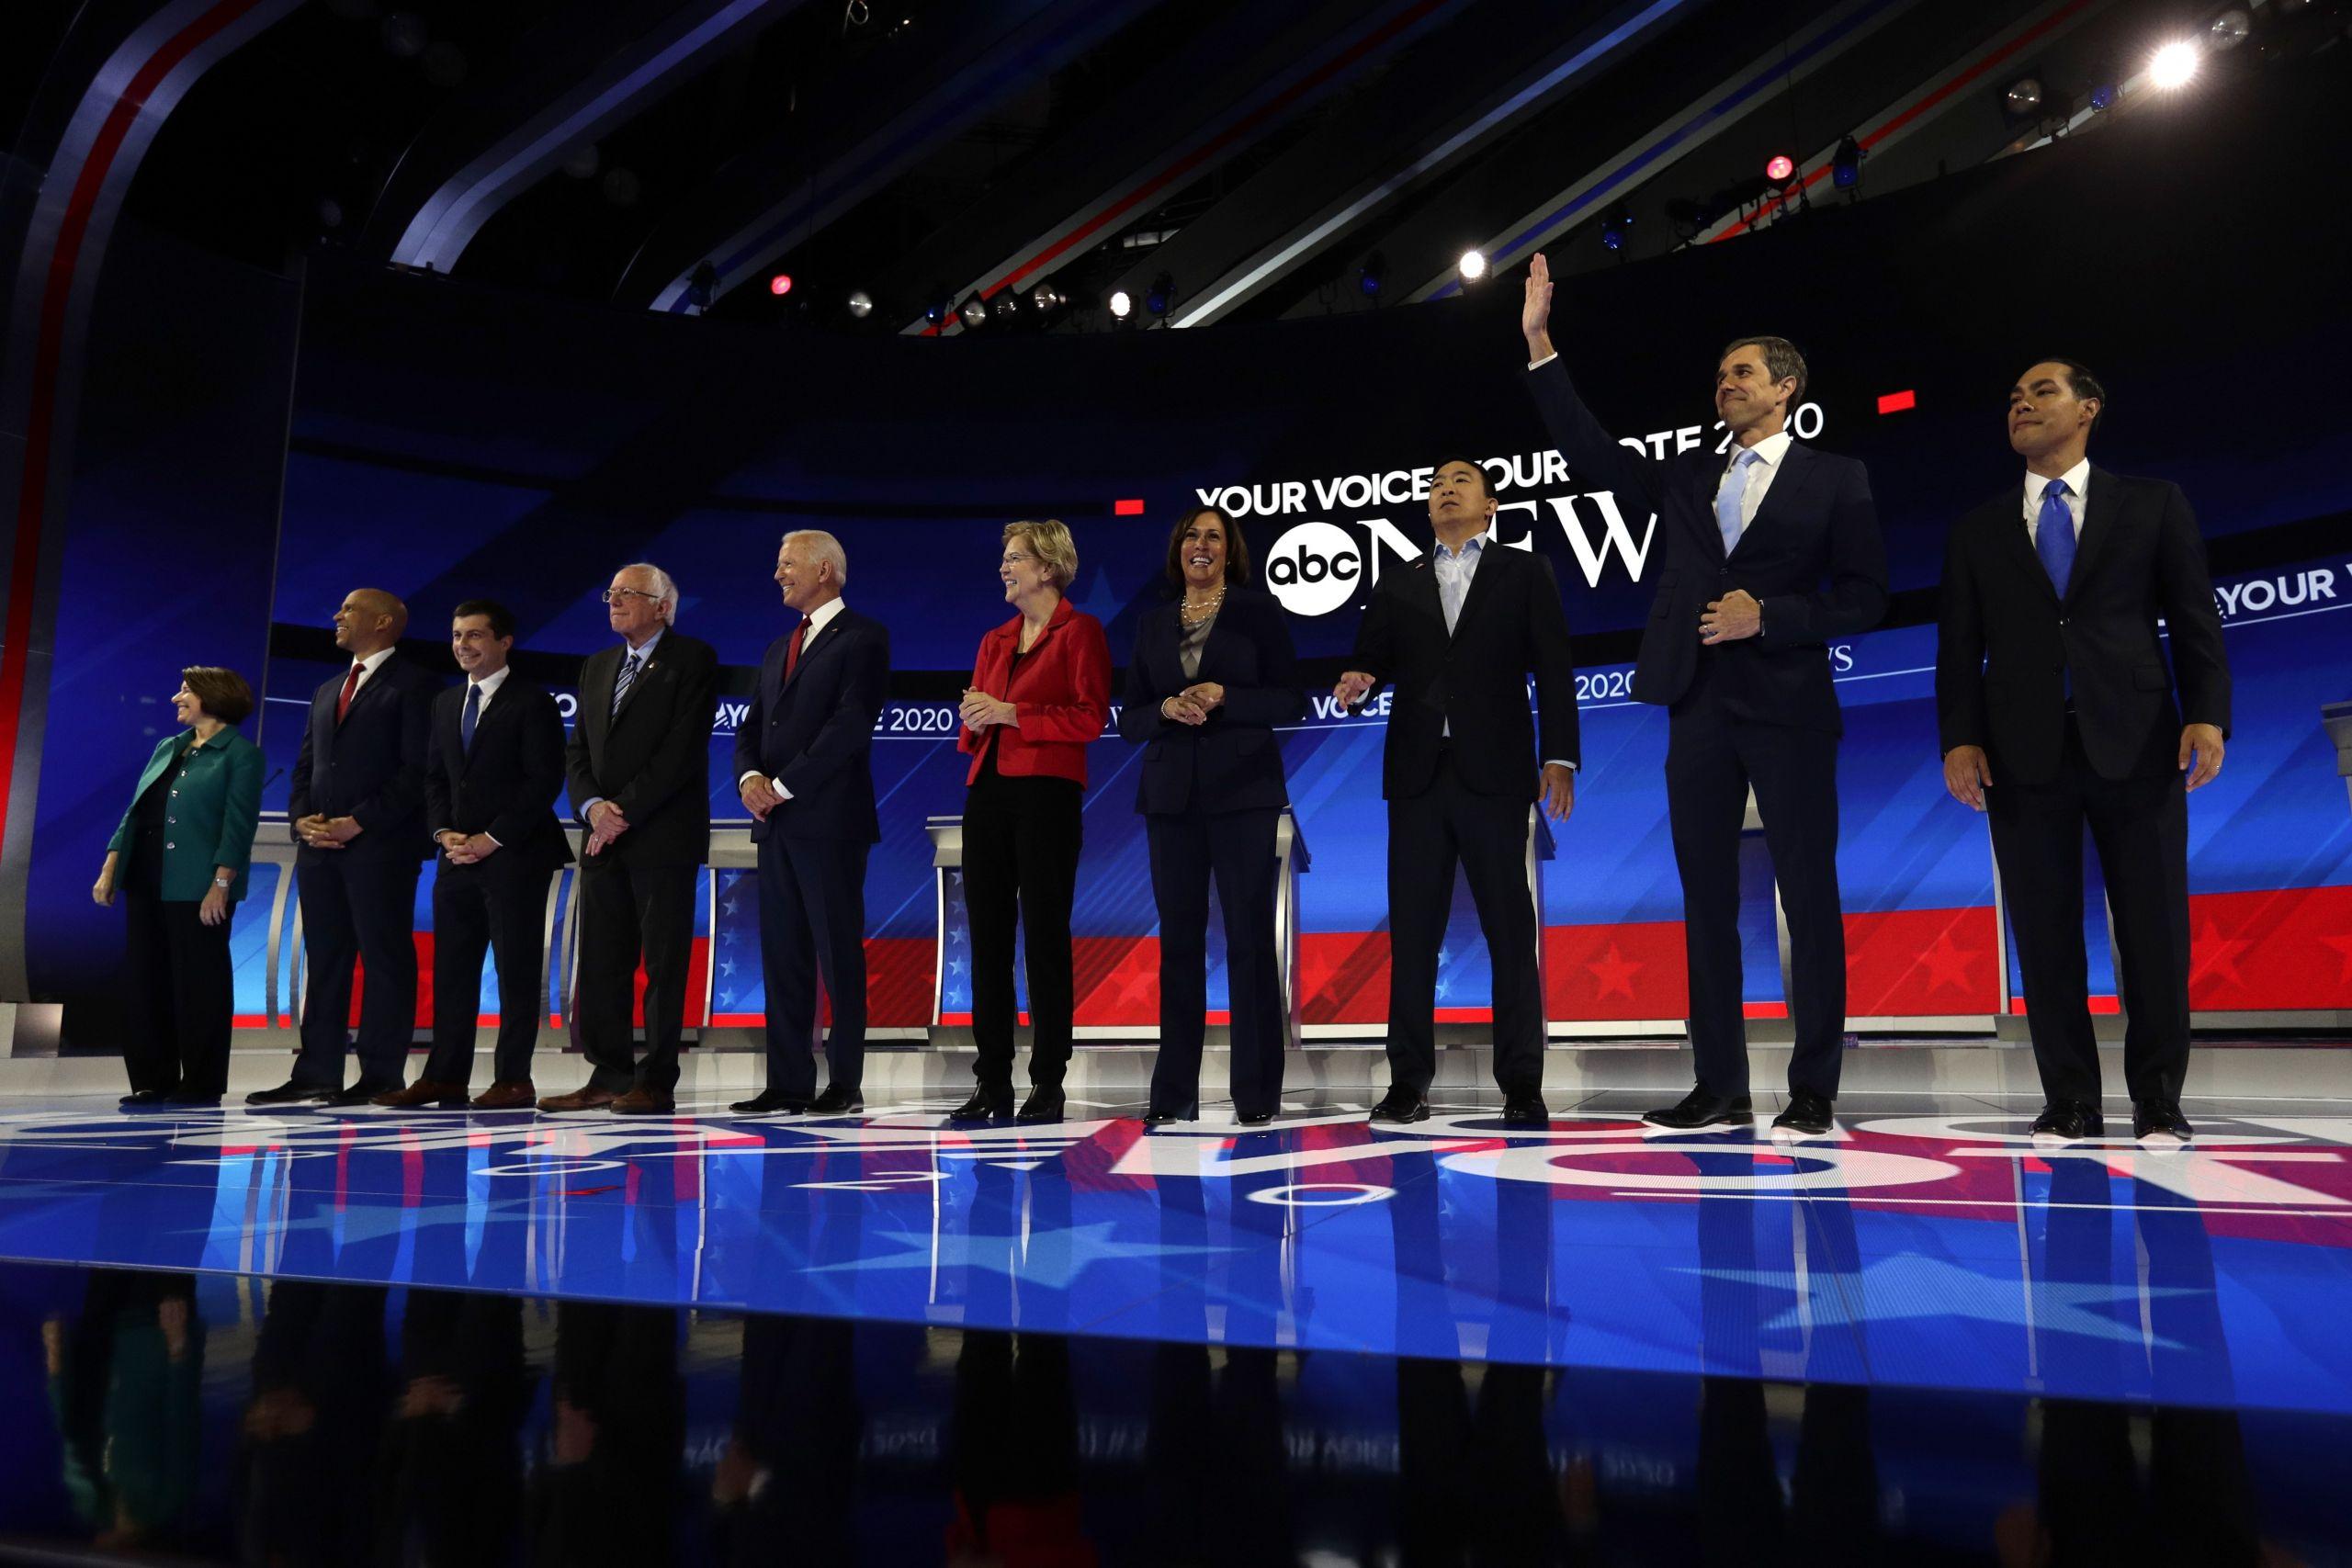 calendario 2020 por meses mas caliente este es el calendario de los debates presidenciales y of calendario 2020 por meses